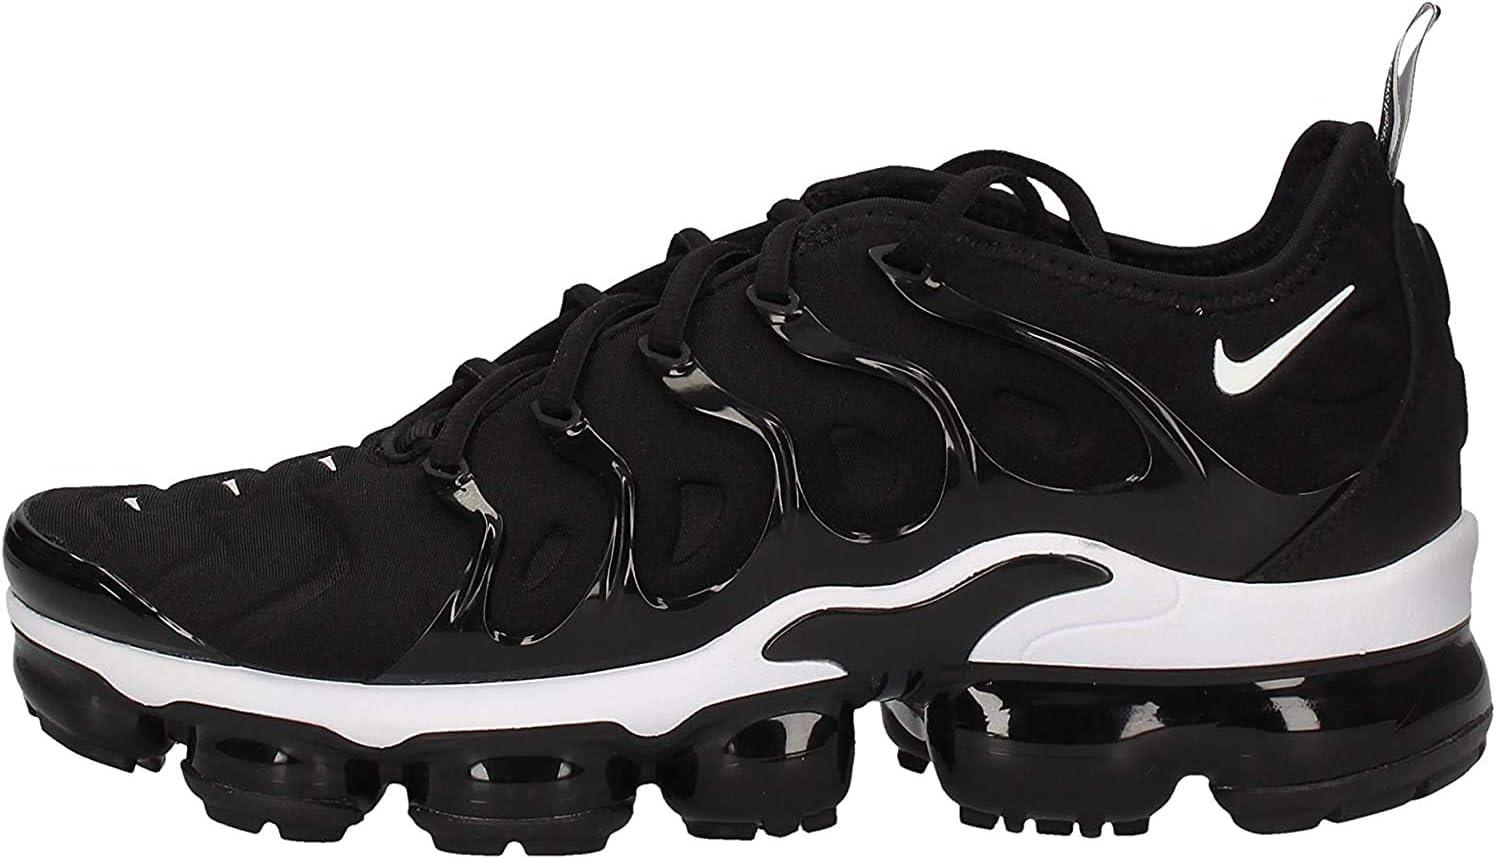 Nike Air Vapormax Plus Track & Field Schoenen voor heren Zwart Wit 11